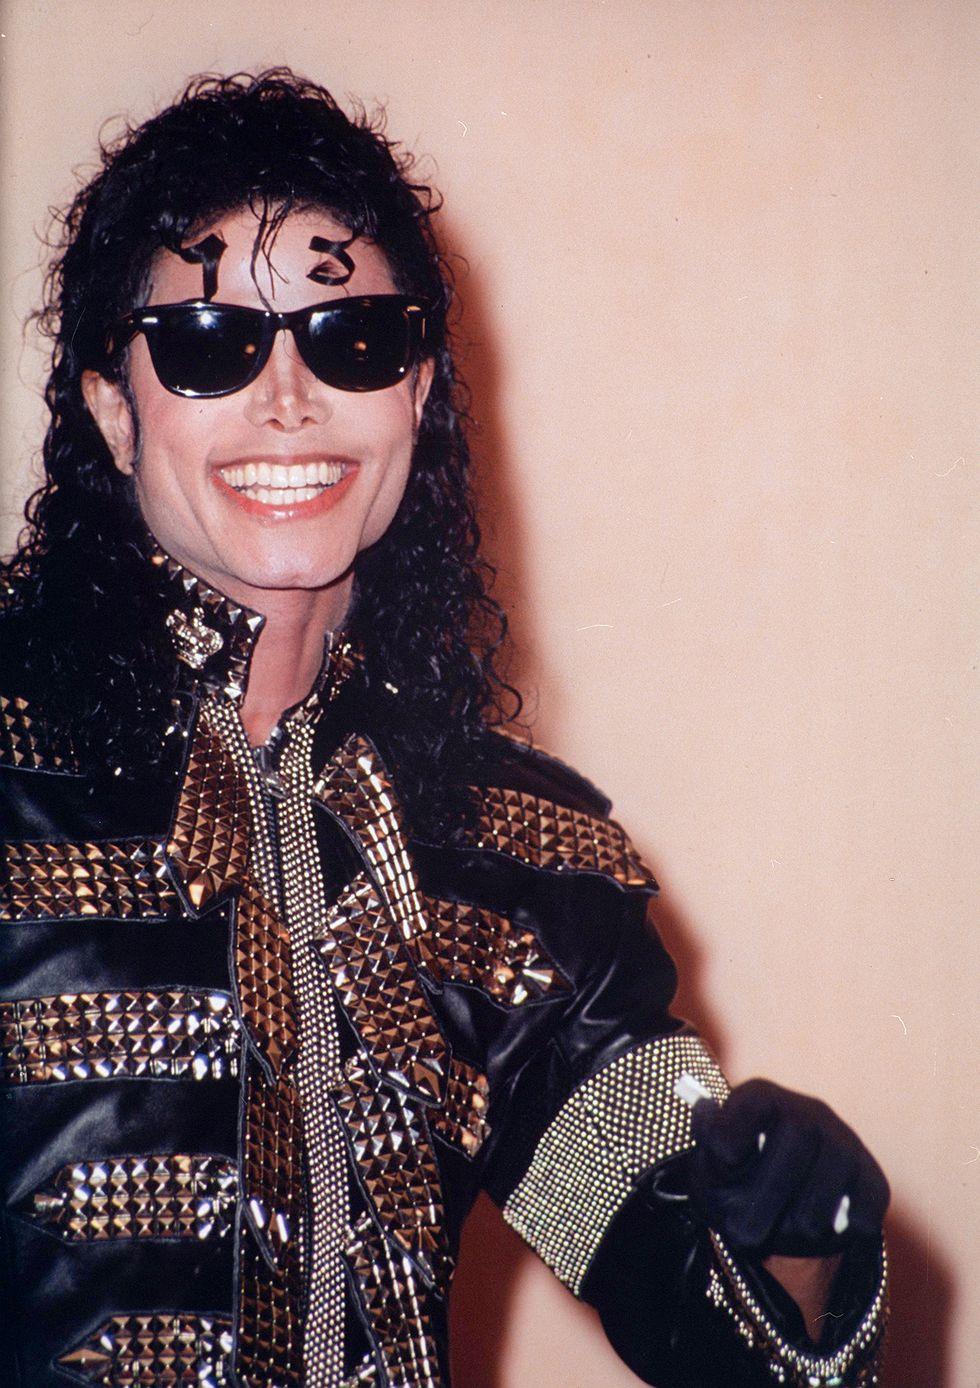 Michael Jackson imádta a szemüvegeket. - Örök divat.